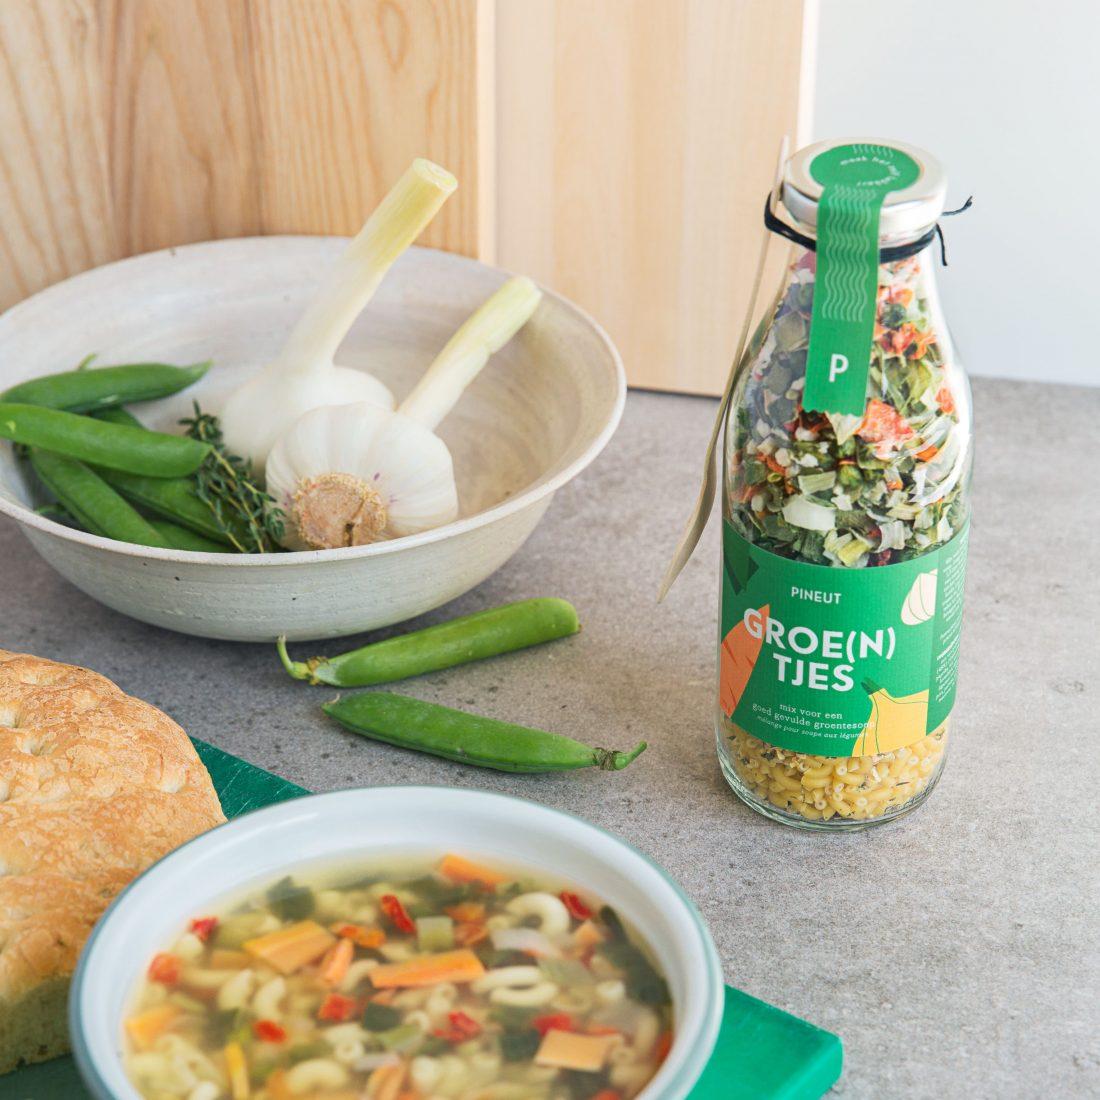 Soepperlekkere groentesoep van Pineut